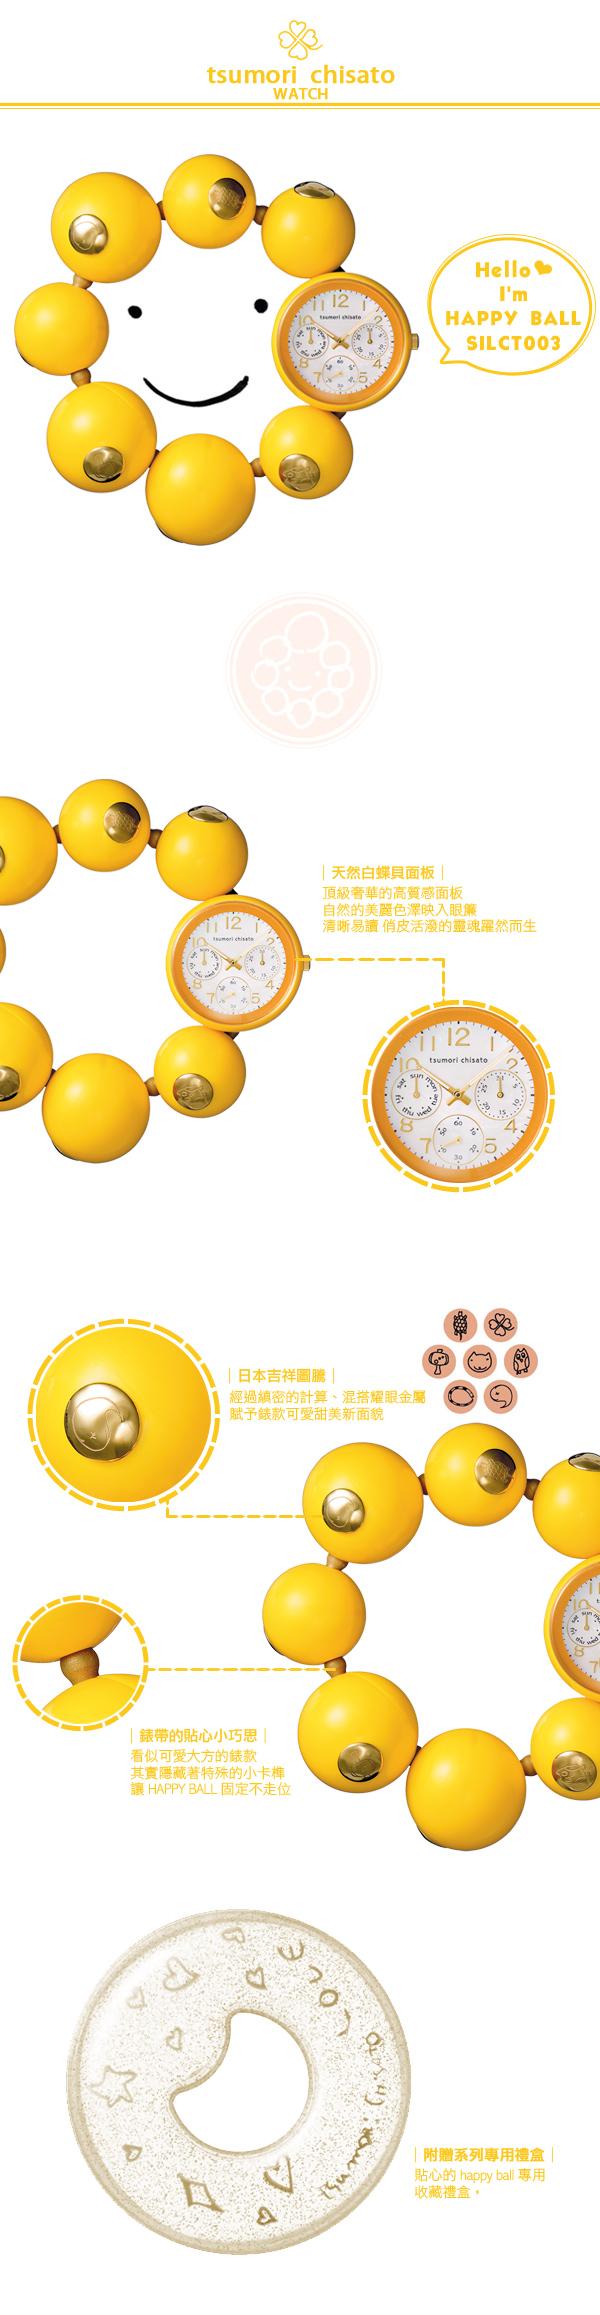 津森千里甜甜圈手表